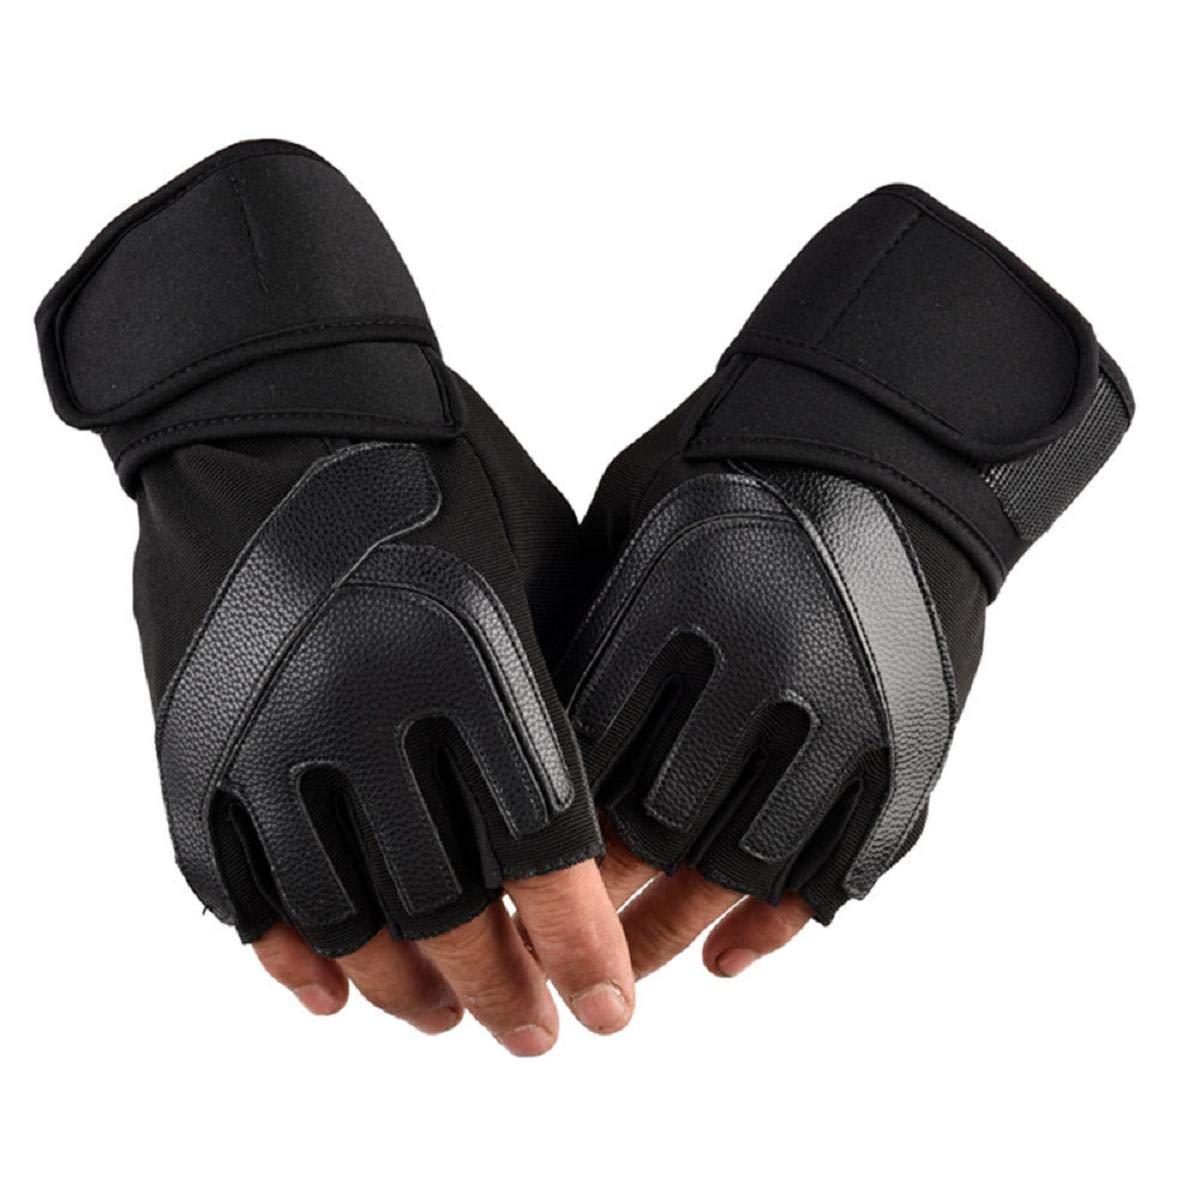 57c3e41da6cbfe ... オートバイ キャンプ サイクリング アウトドア ファッショングローブ トレーニング ウェイトリフティング ジム 自転車グローブ ユニセックス  1ペア 冬用手袋 ...